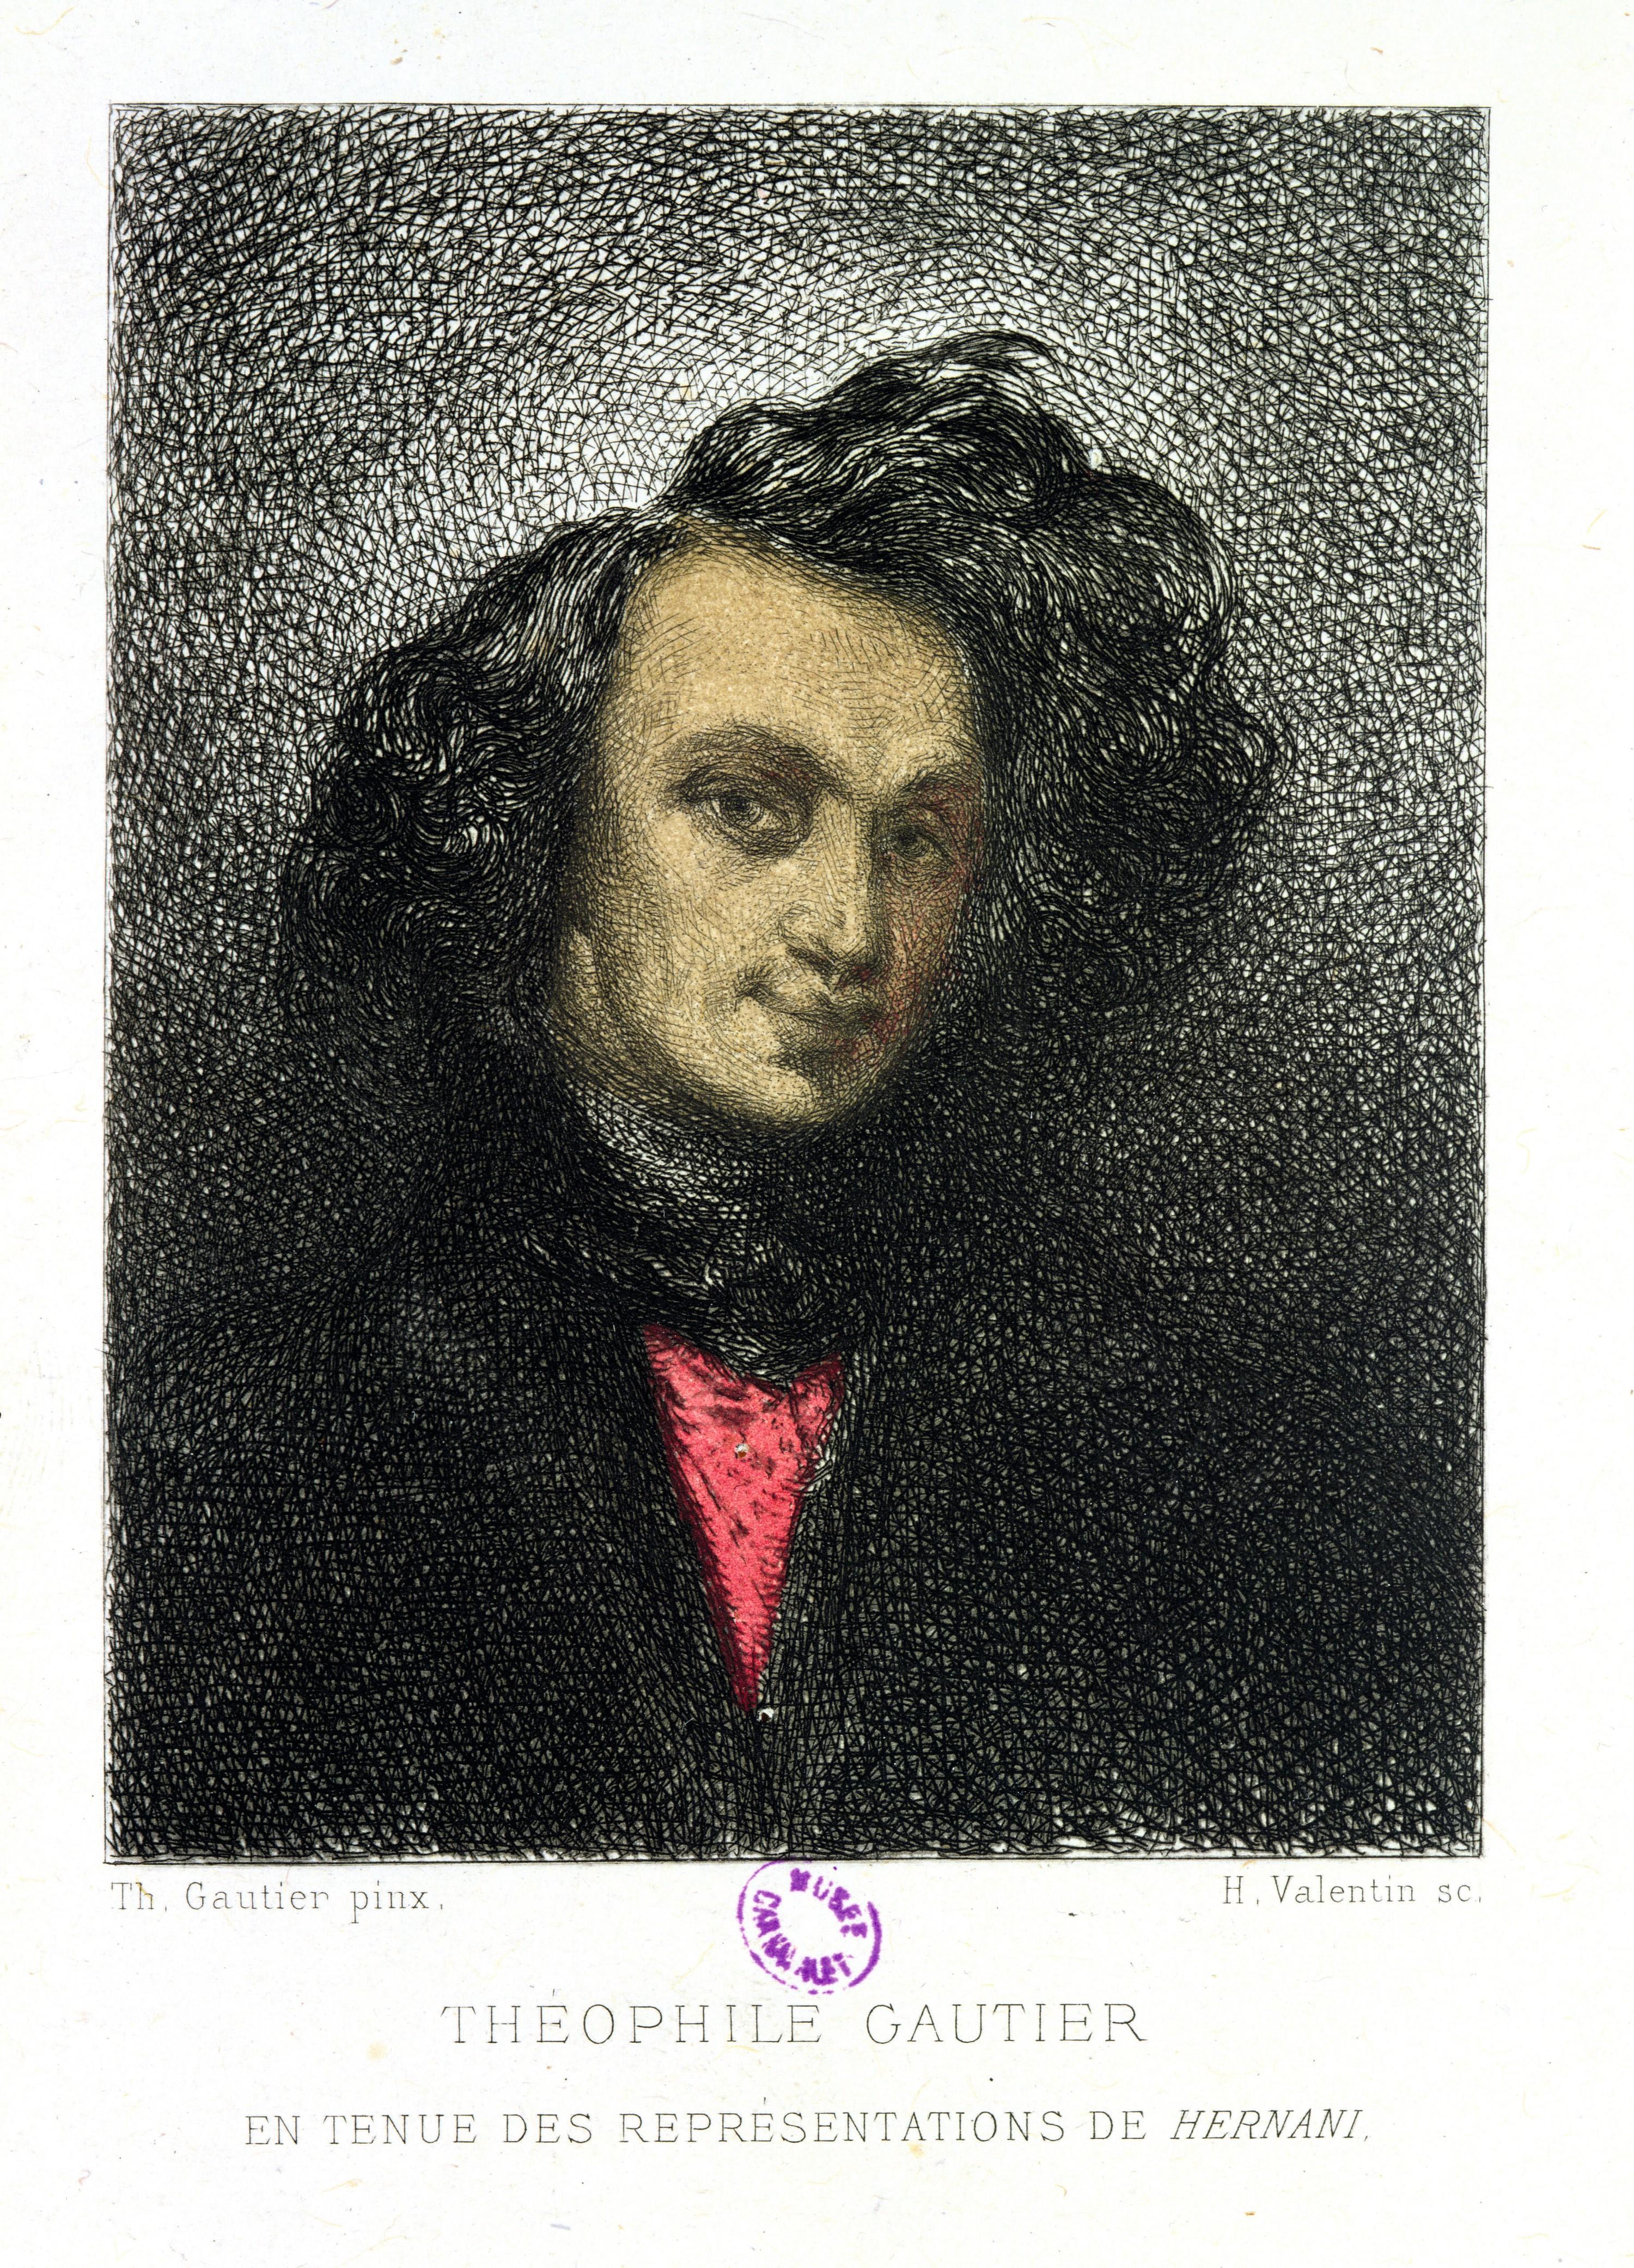 Henry-Augustin Valentin, Théophile Gautier en tenue des représentations de Hernani, vers 1876, gravure, 22,7 × 14,6 cm, musée Carnavalet, Paris.